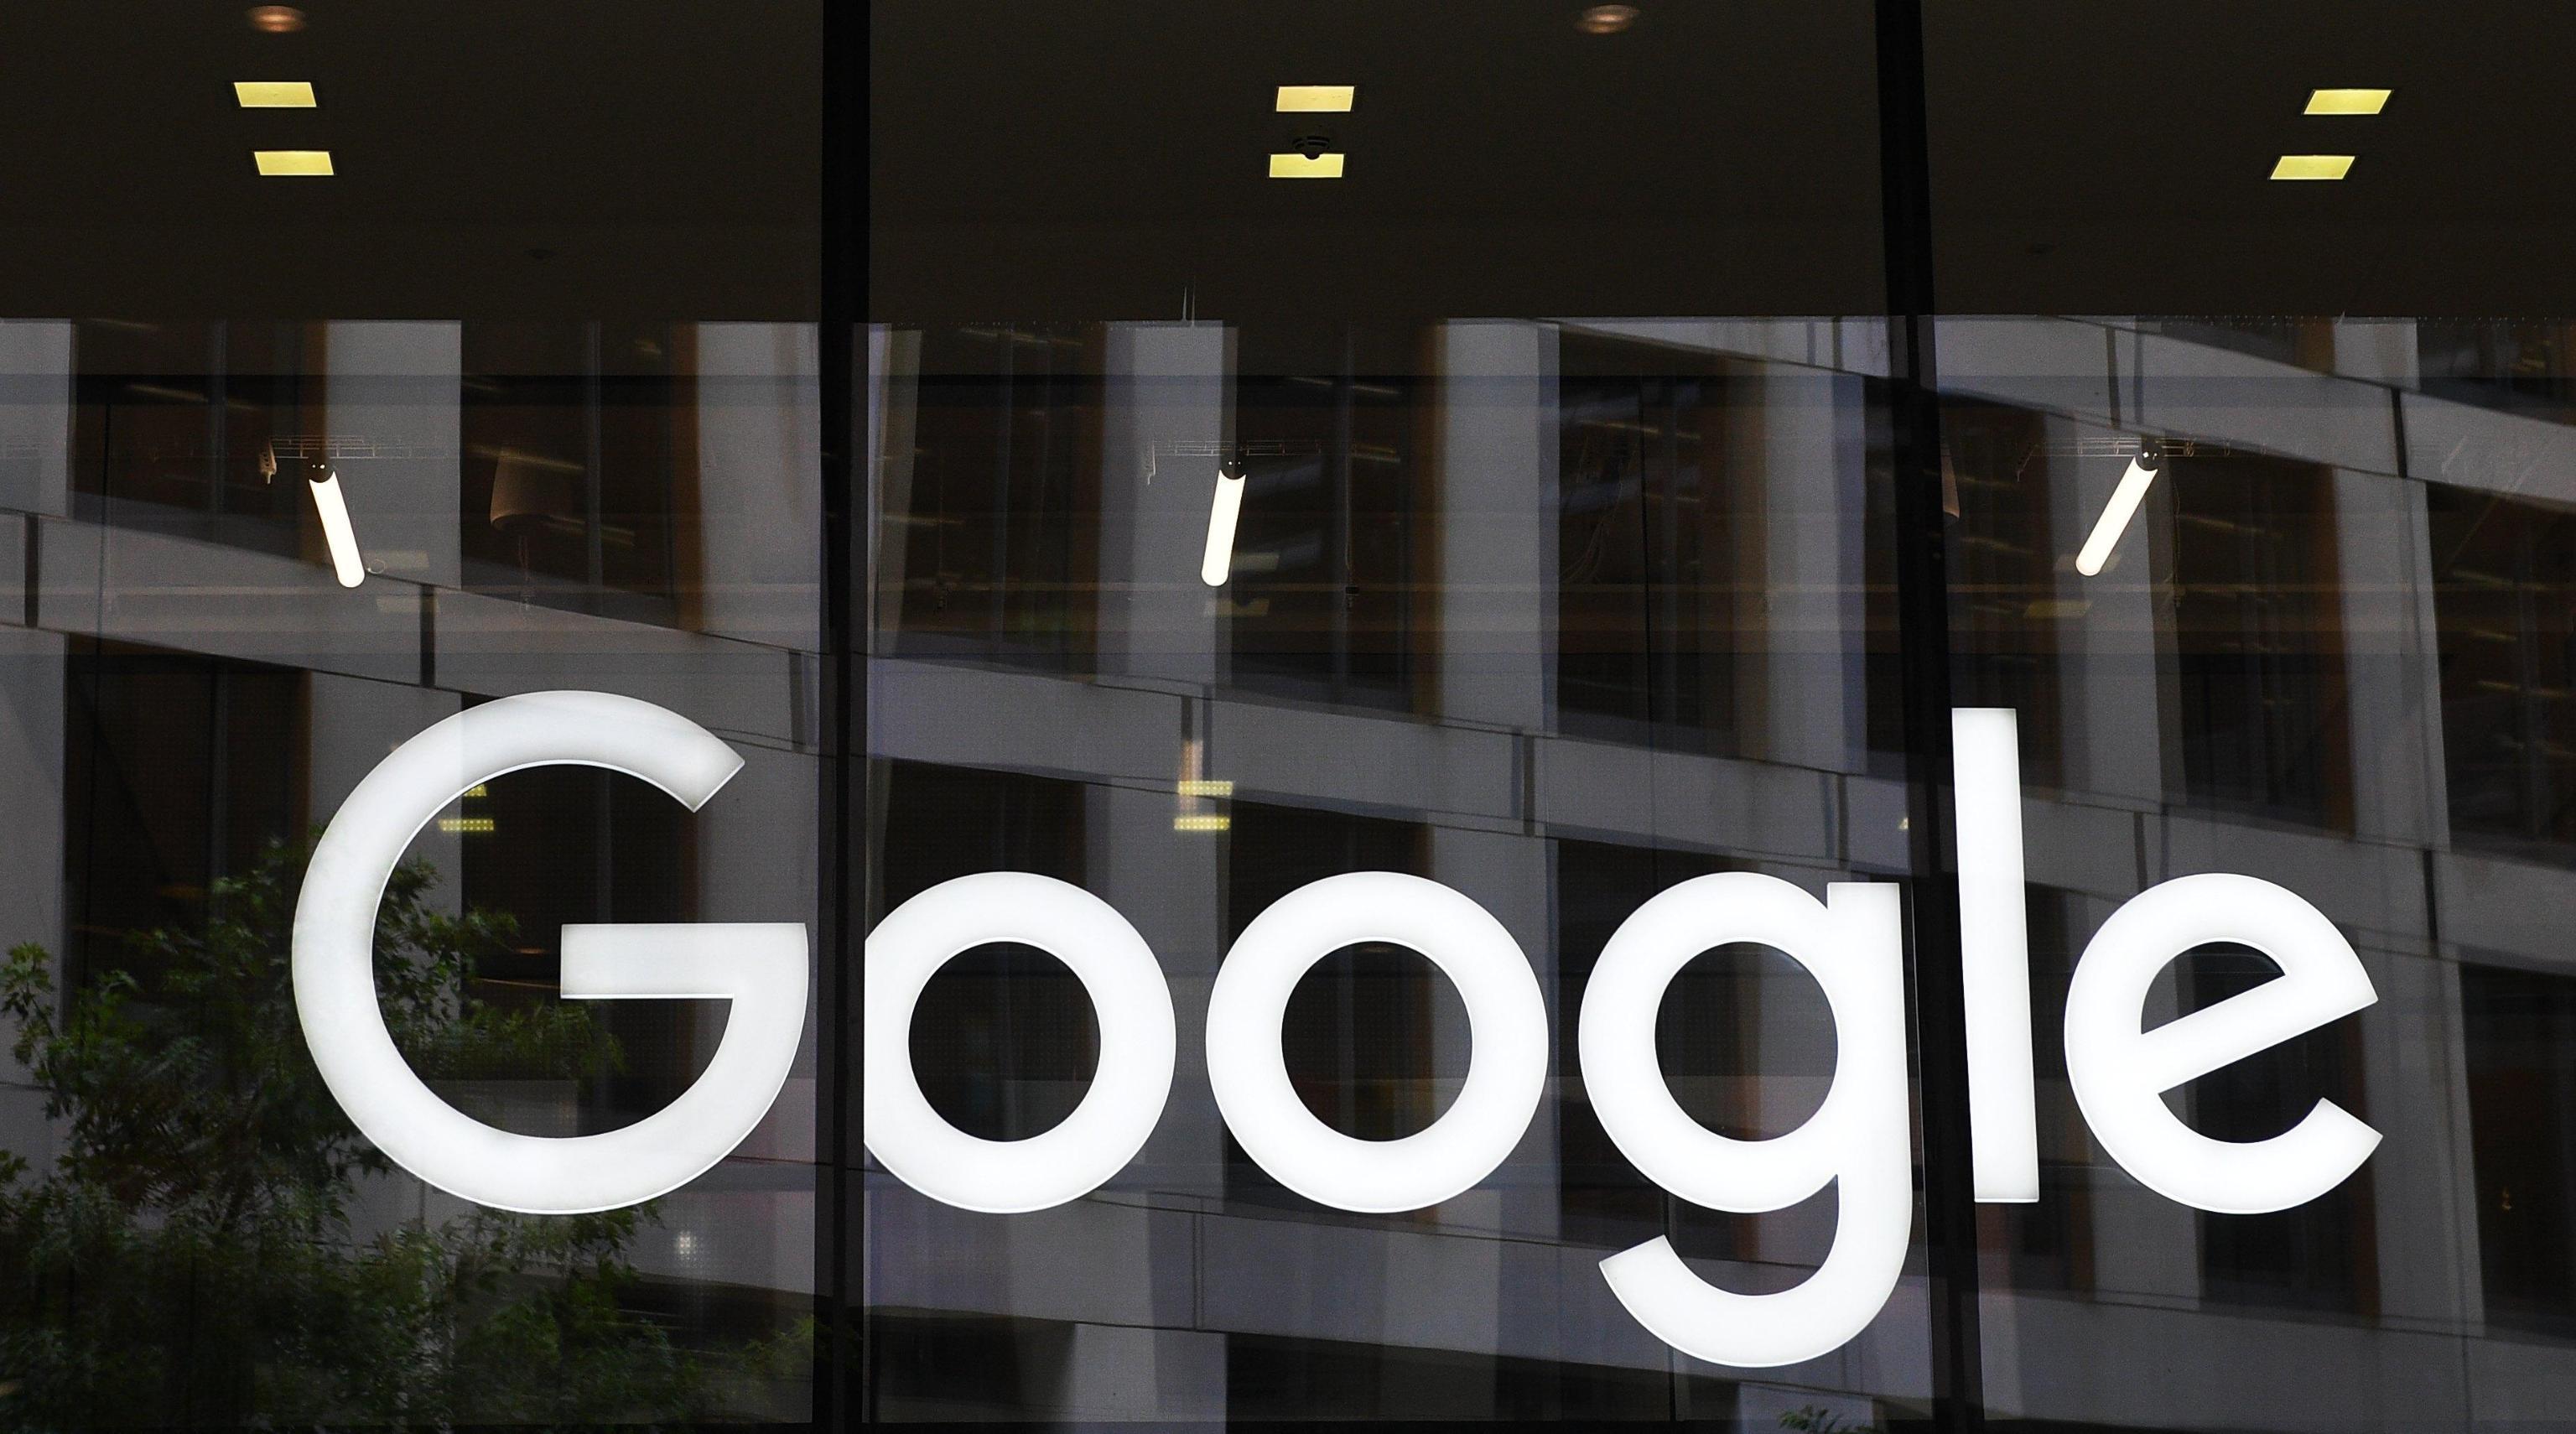 Google e i suoi segreti, 14 cose che non sai sa su Big G